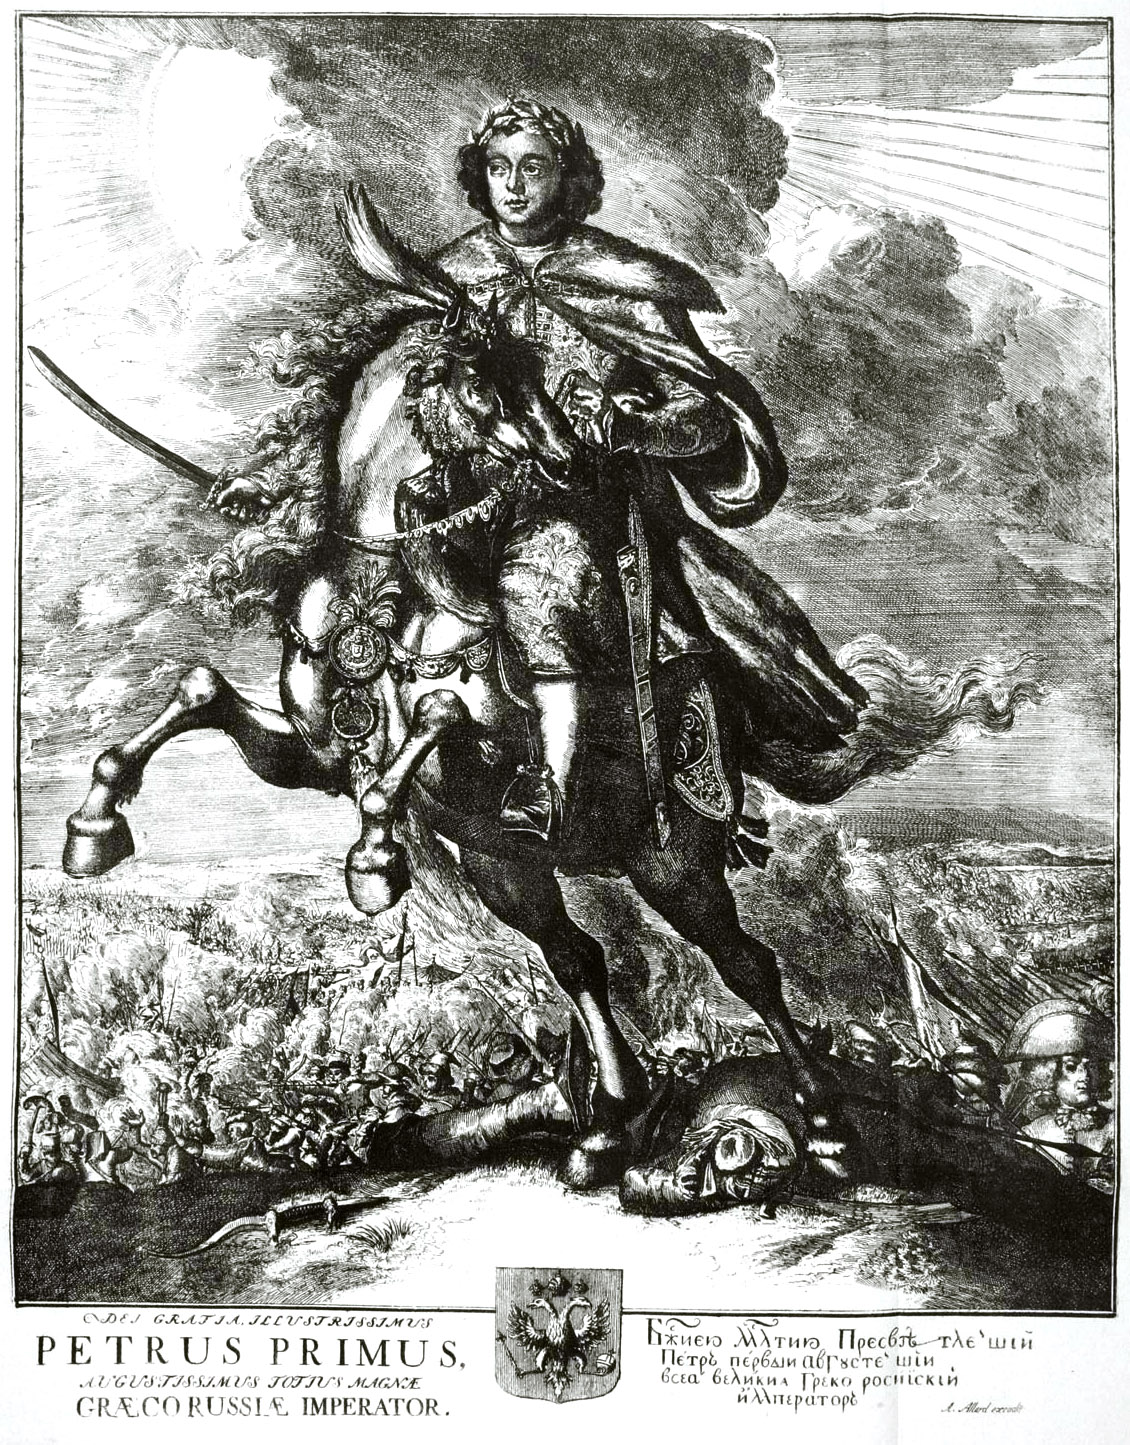 60. Изображение Петра I, увенчанного лавровым венком и скачущего на коне